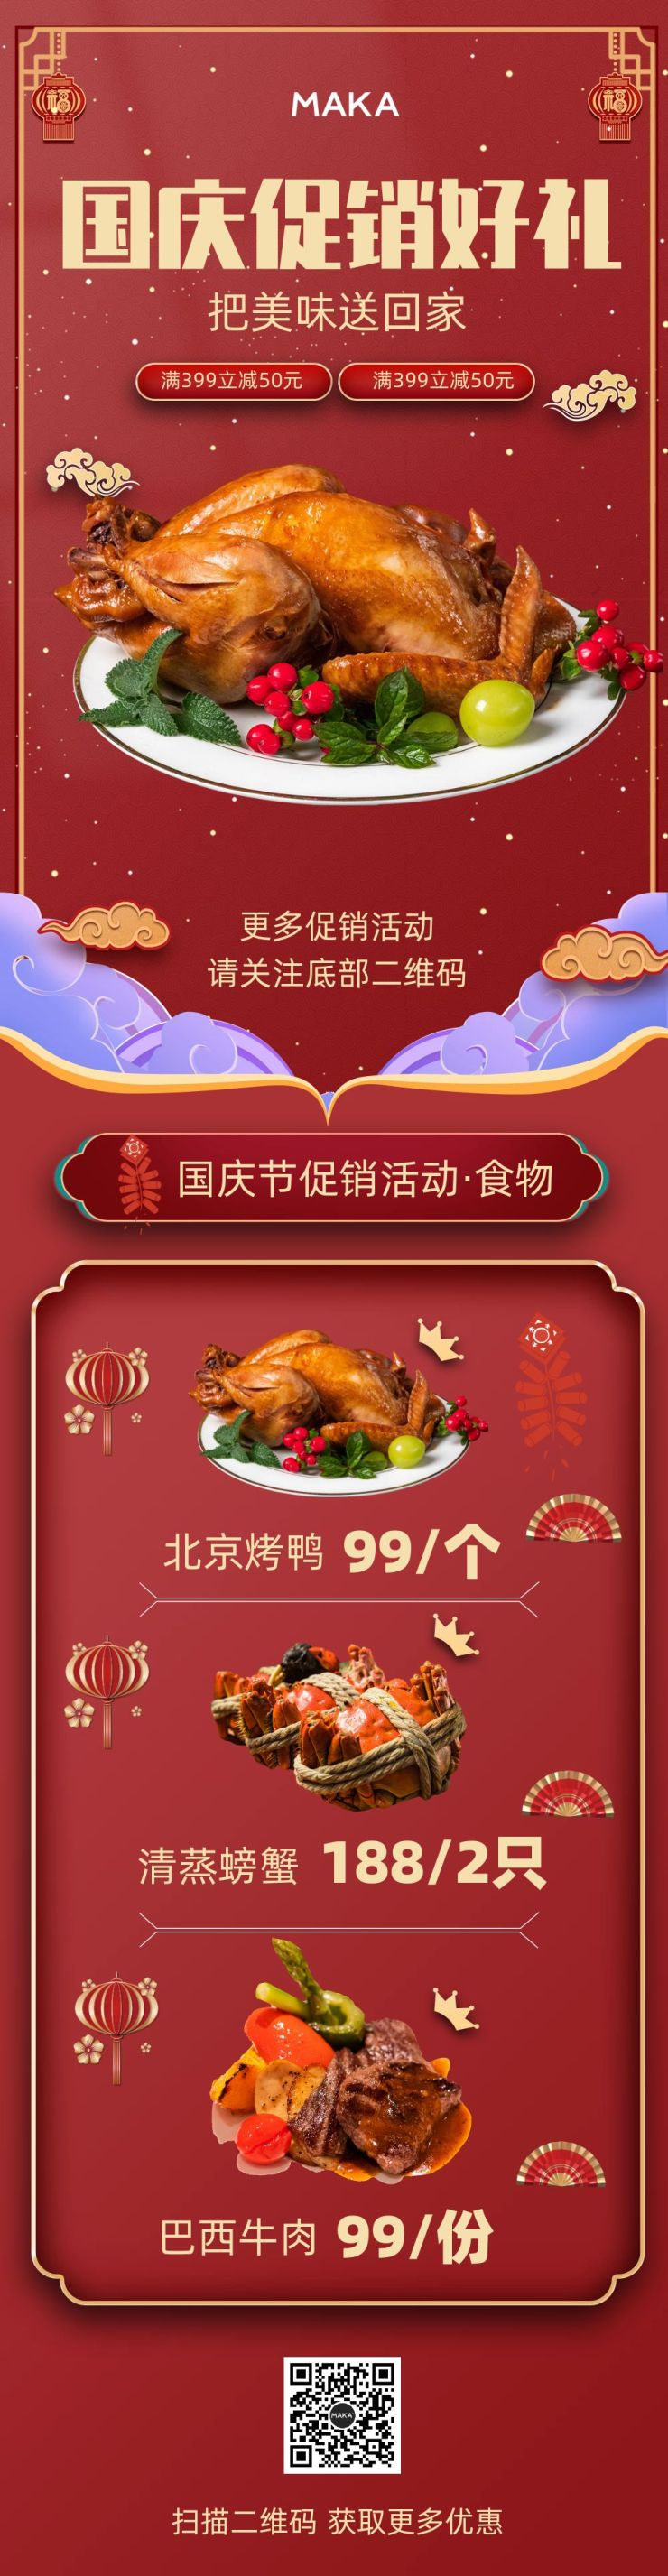 国庆假期之国庆狂欢美食特价促销活动宣传长图设计